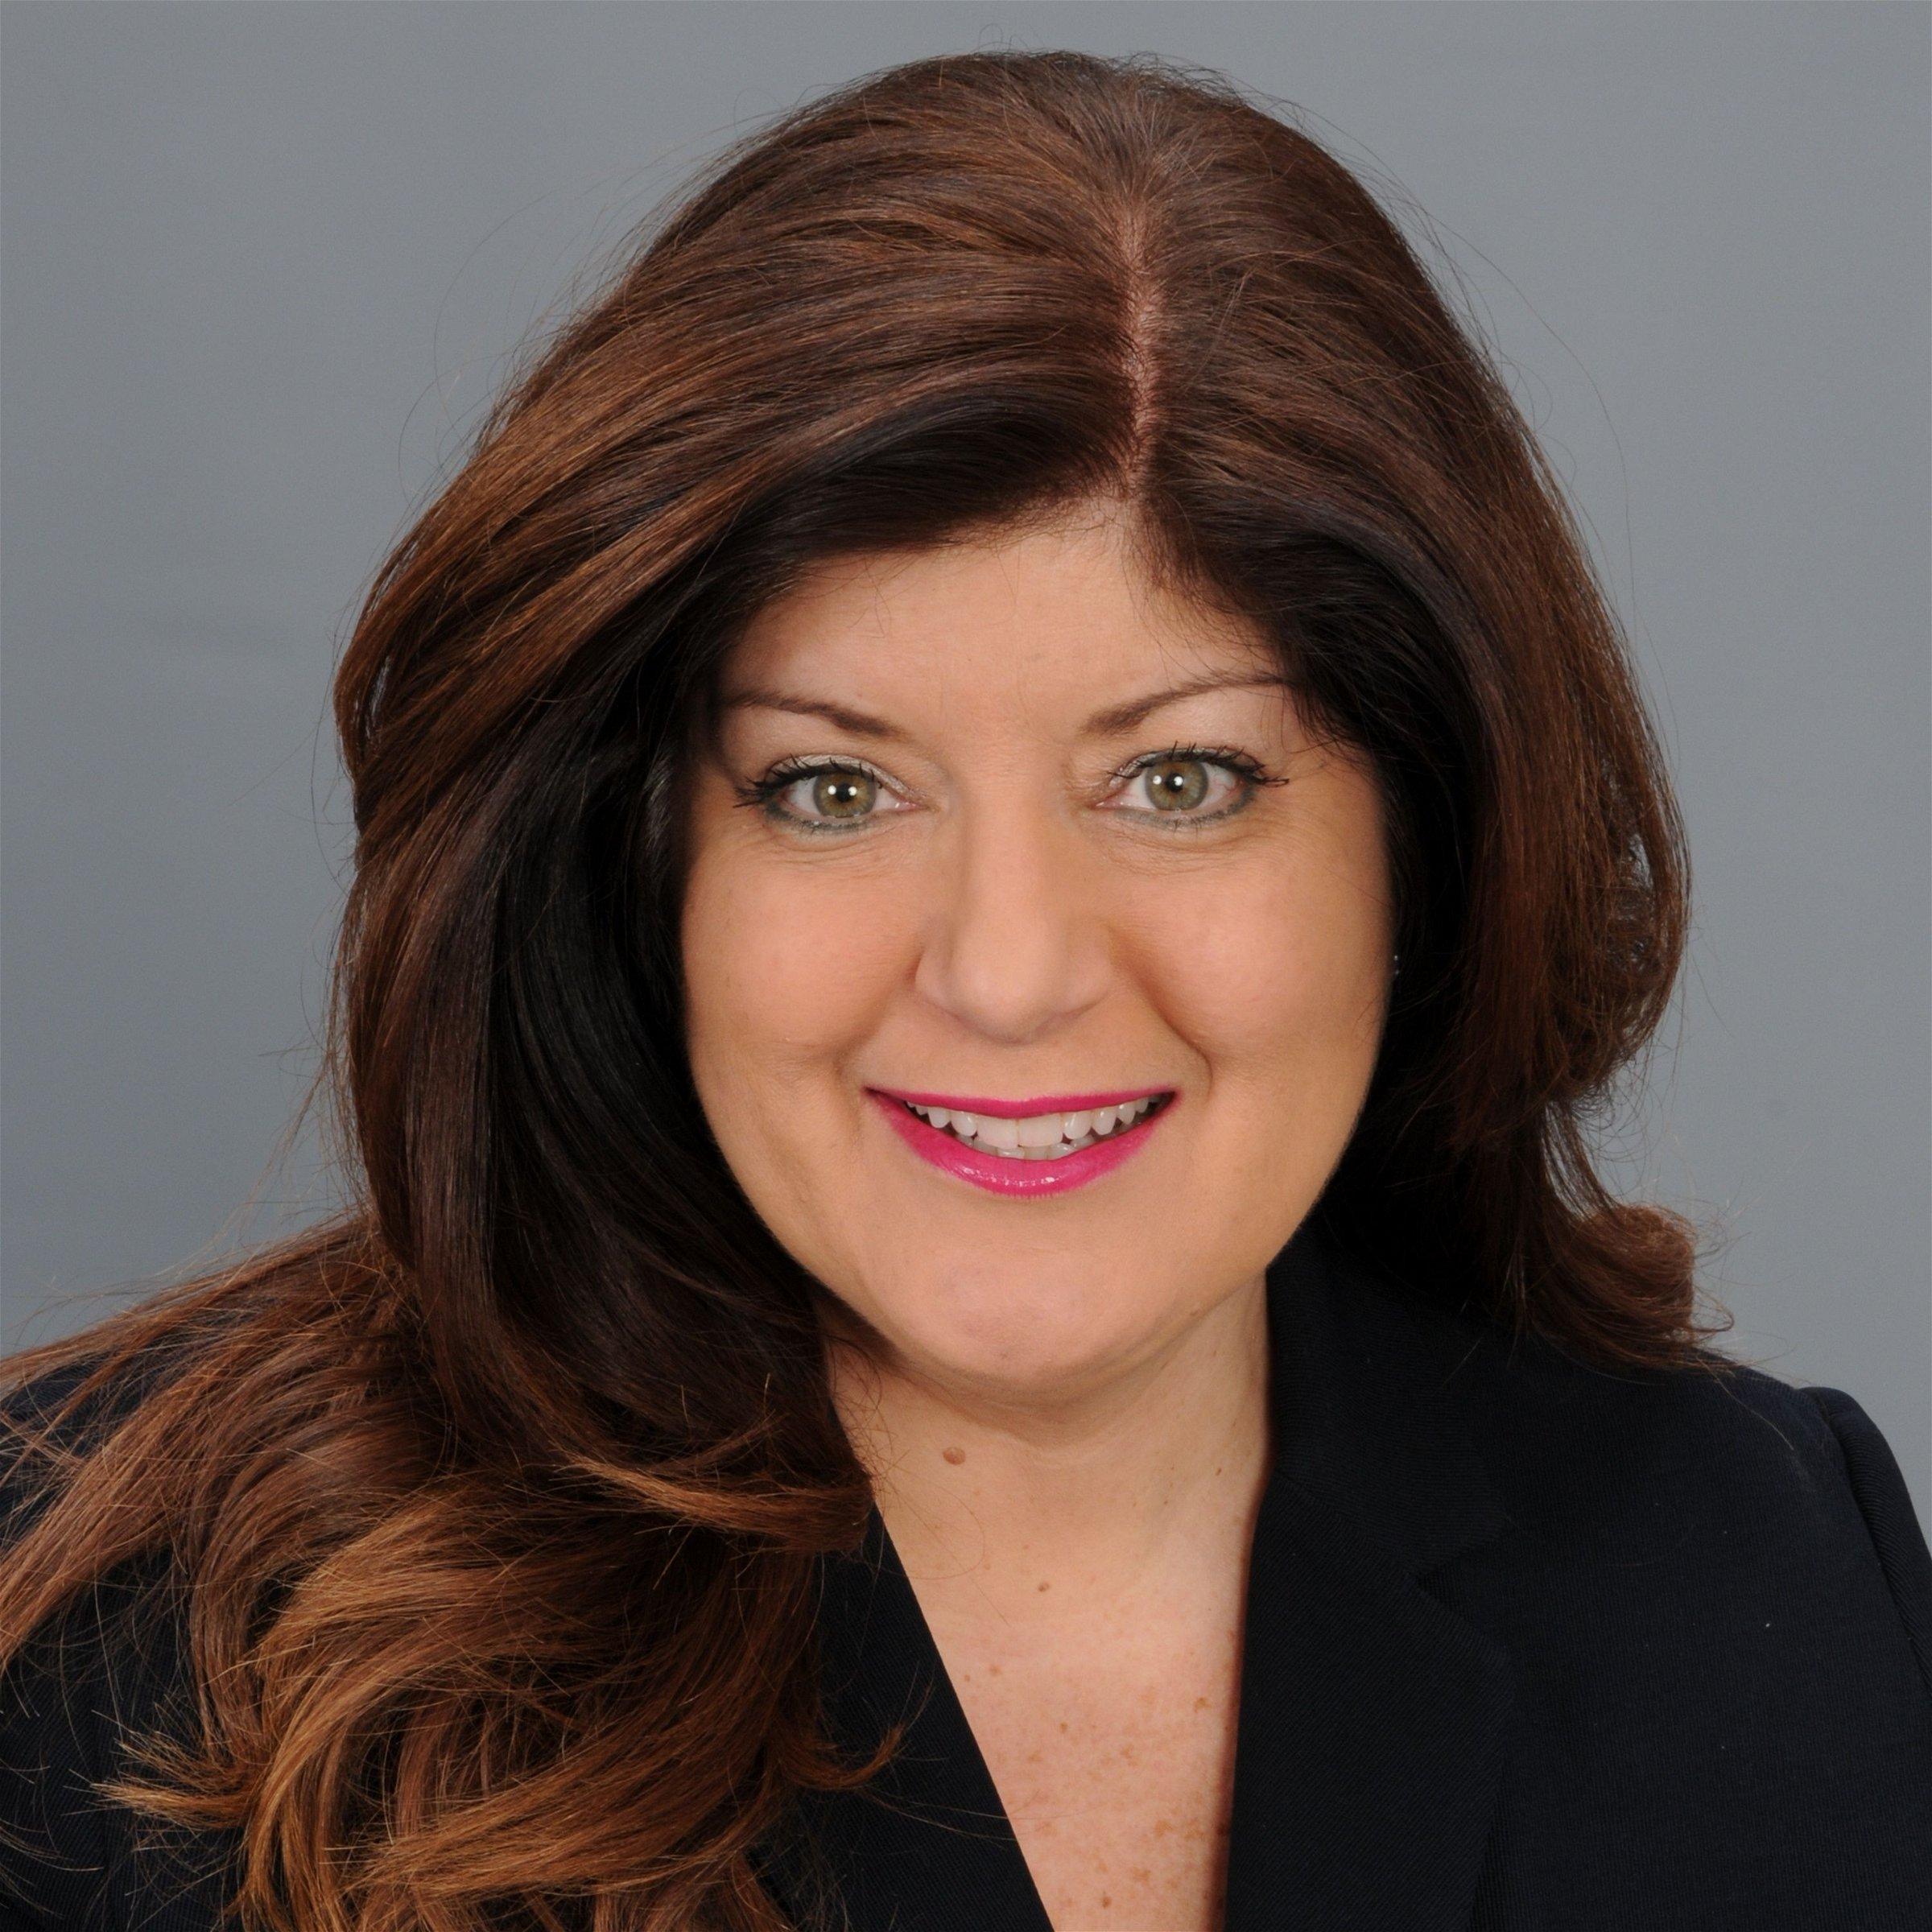 Annette Waggoner